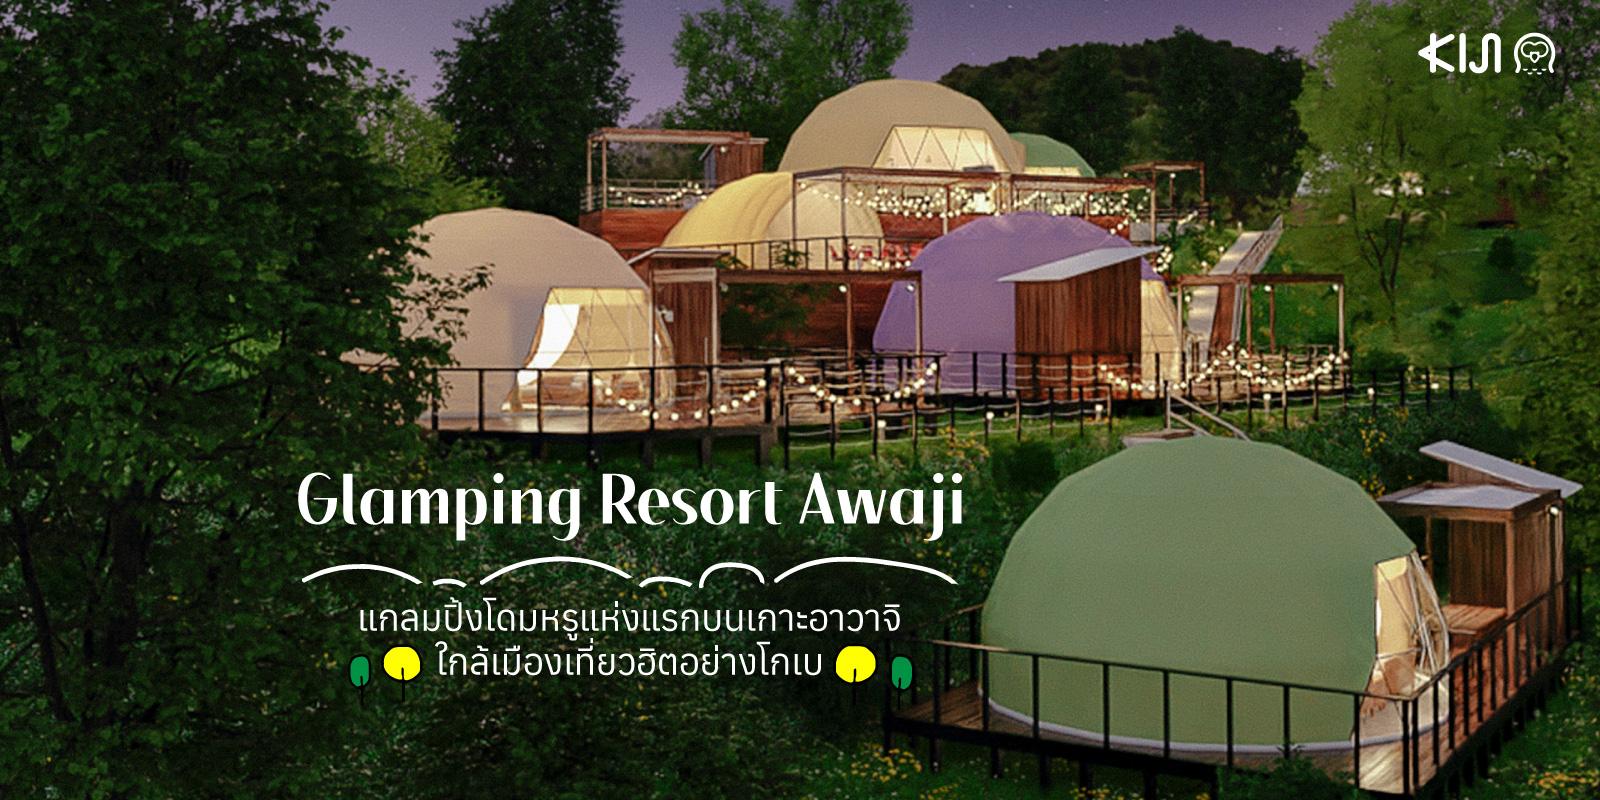 พัก Glamping Resort Awaji, จ.เฮียวโงะ